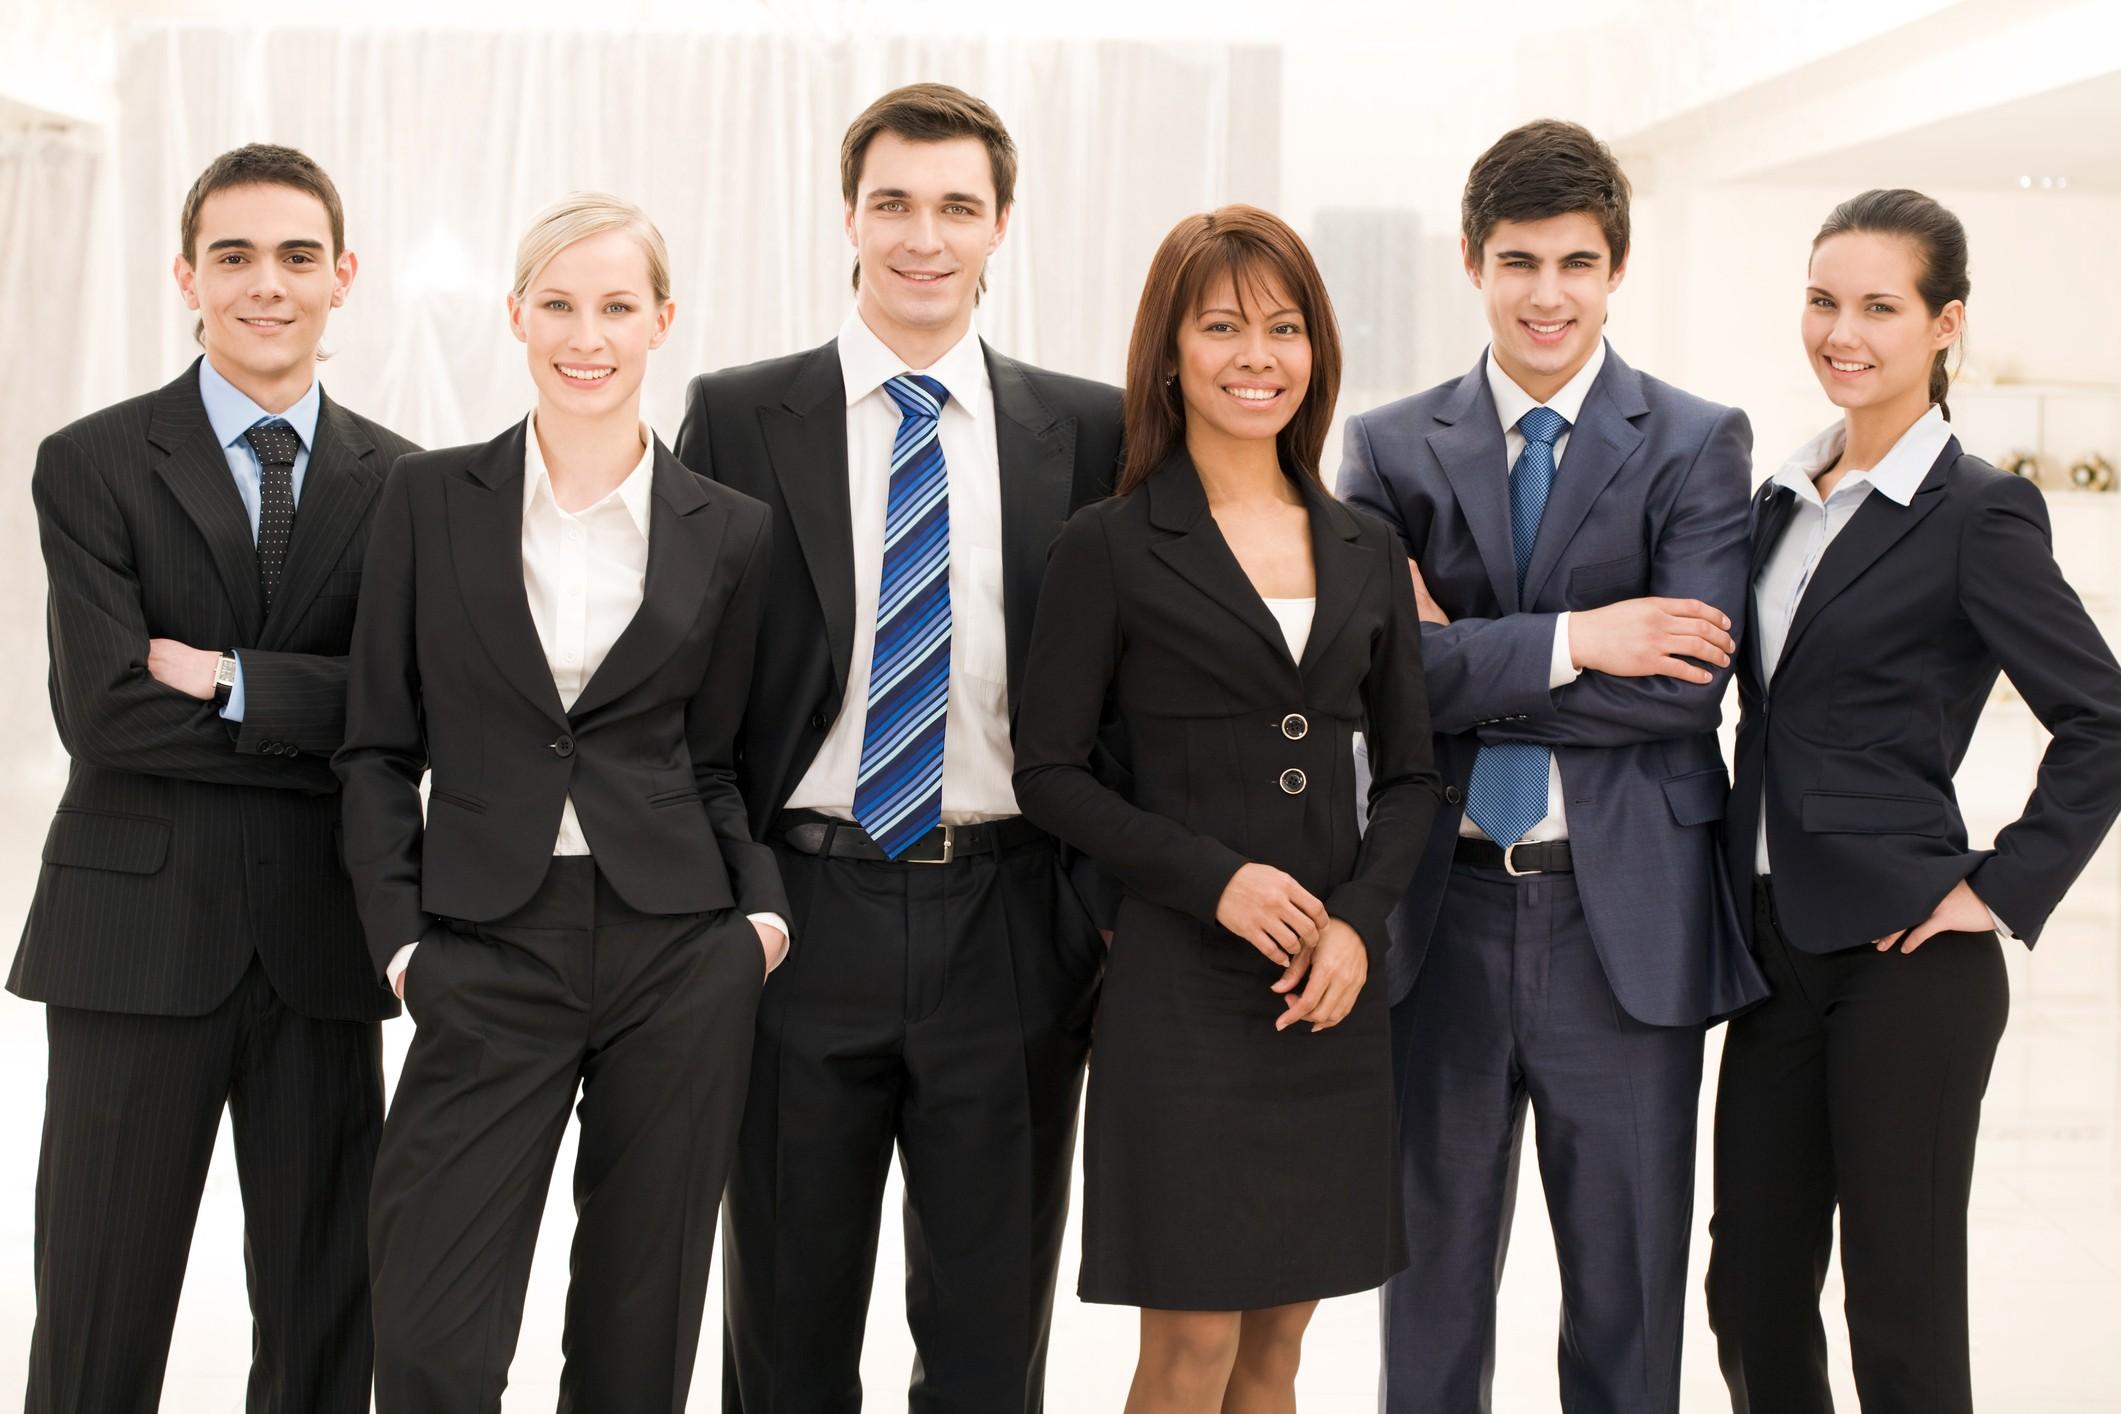 Mundo corporativo: igualdade de gêneros é fundamental no mercado  (Foto: Thinkstock)